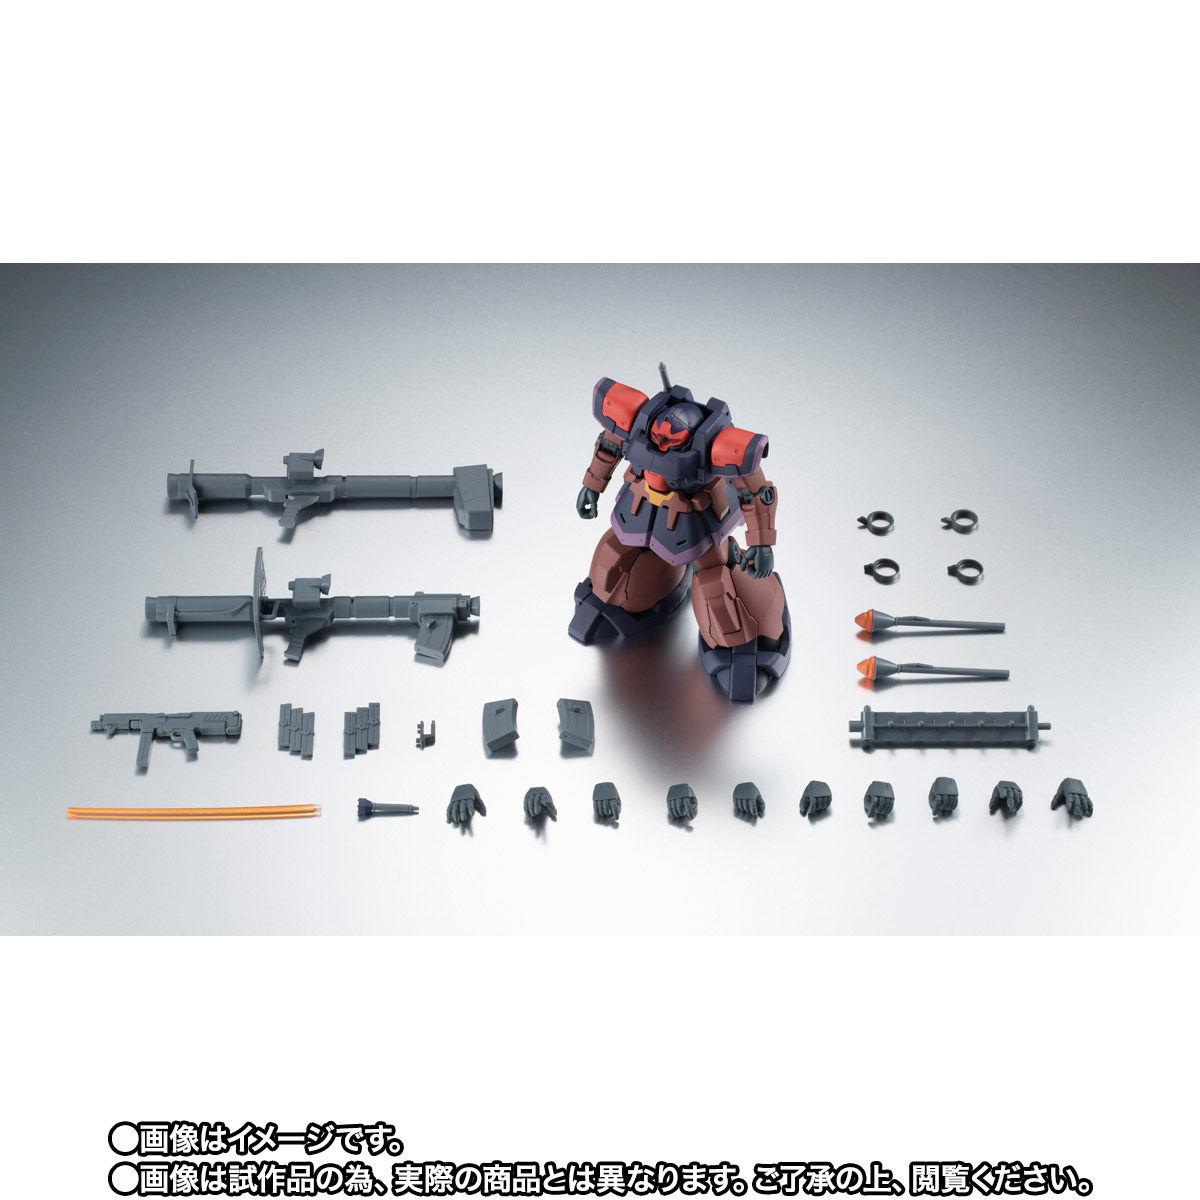 【限定販売】ROBOT魂〈SIDE MS〉『YMS-09R-2 プロトタイプ・リック・ドムII ver. A.N.I.M.E.』ガンダム0083 可動フィギュア-009